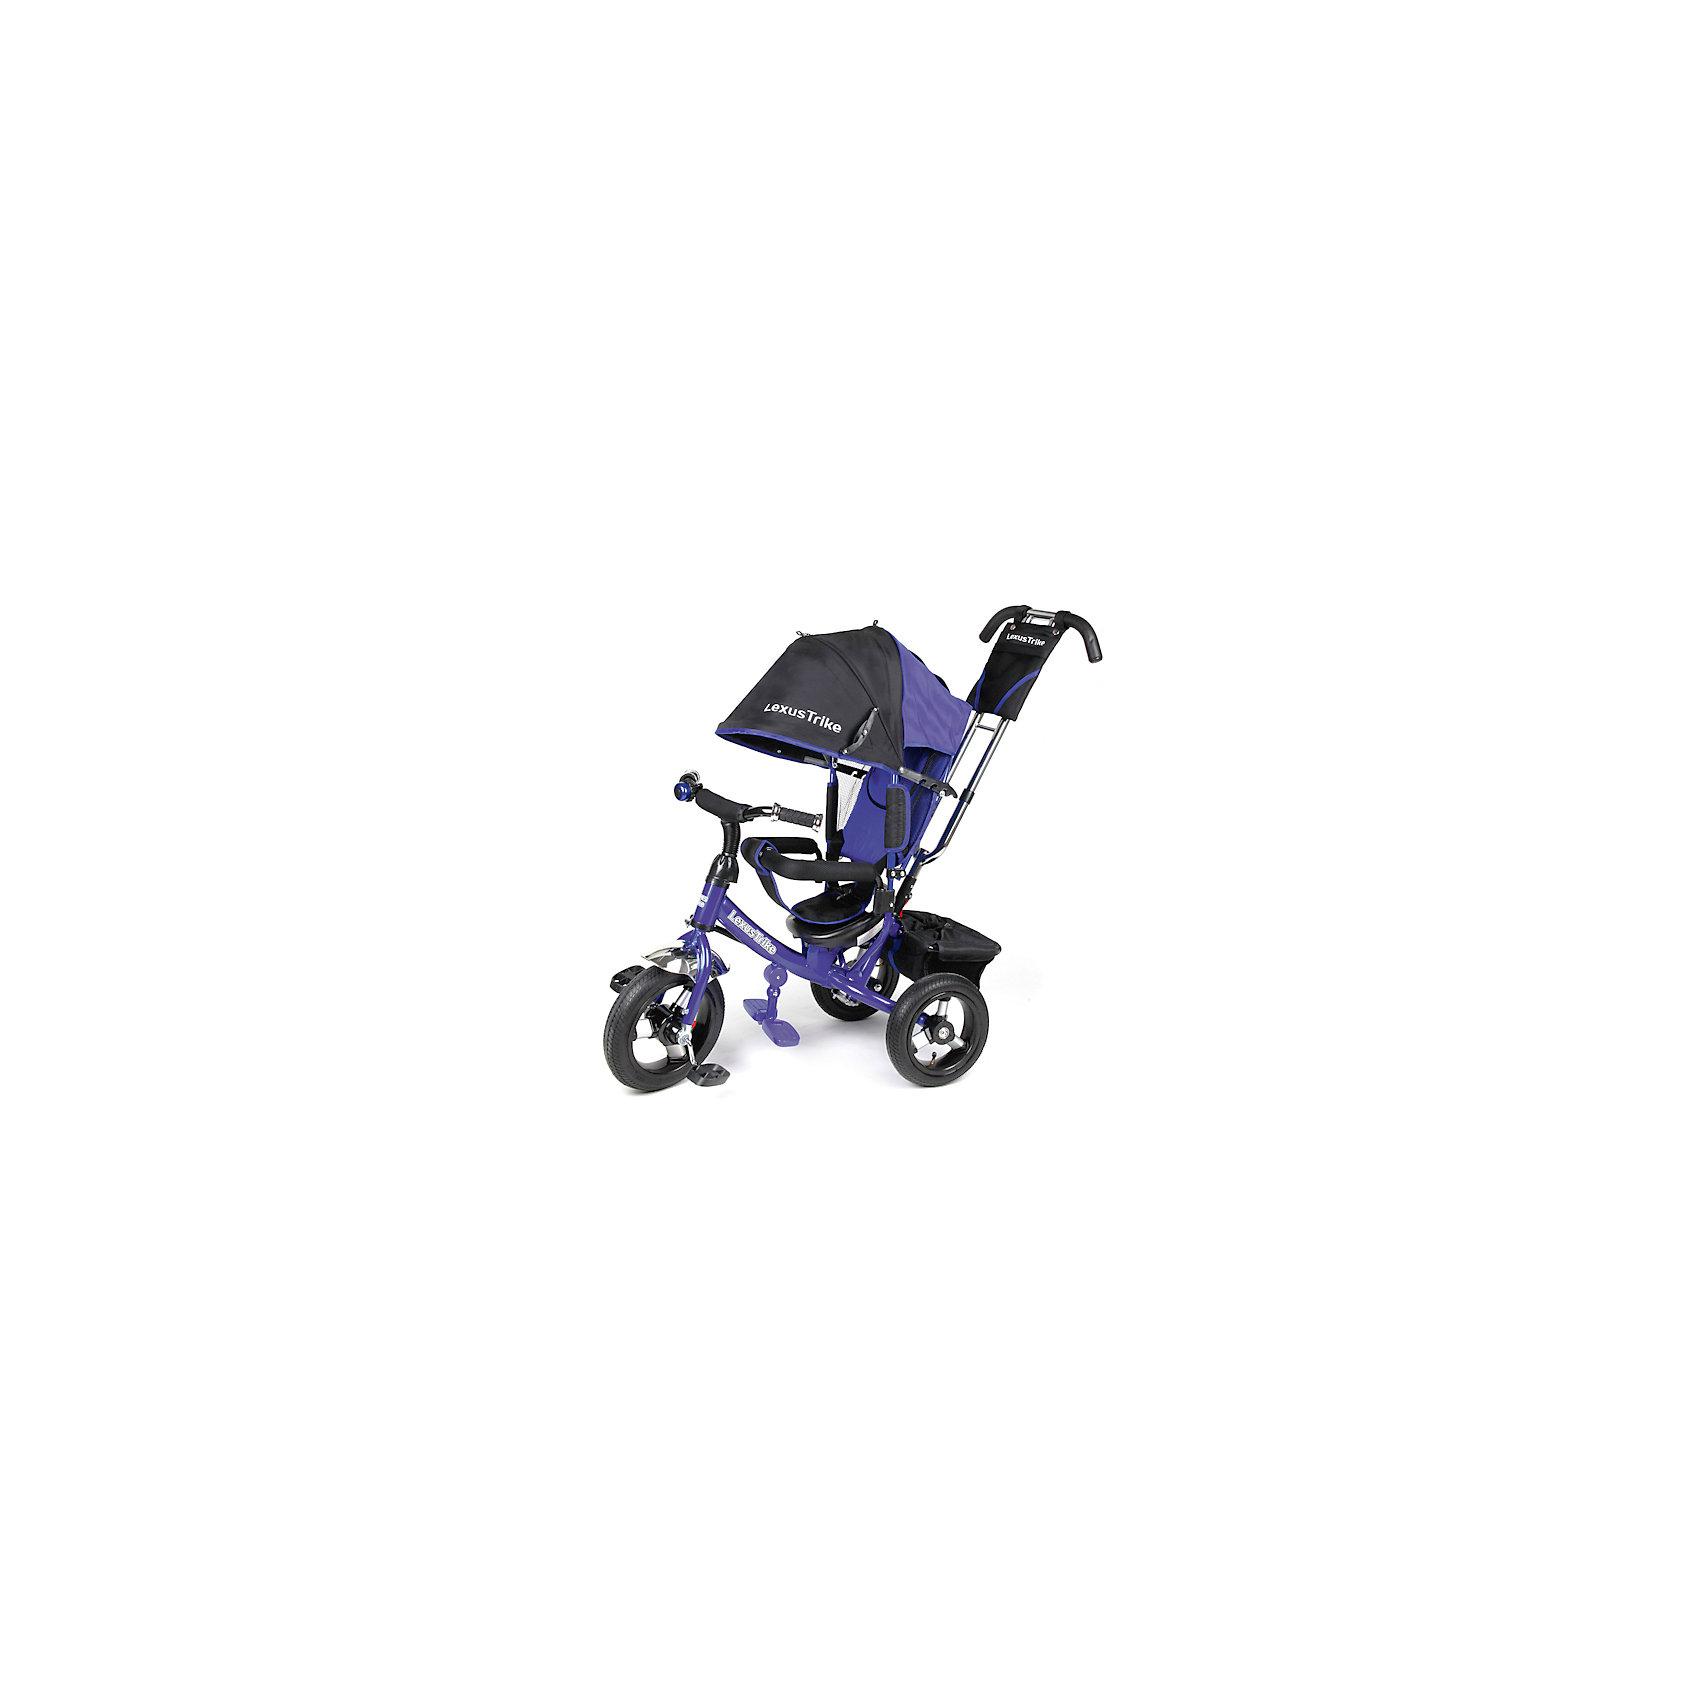 Трехколесный велосипед, с надувными колесами, синий,  Lexus TrikeТрехколесный велосипед Super Trike идеальный вариант для веселых и увлекательных прогулок! Большие надувные колеса (из вспененного полиуретана) с закрытым подшипником обеспечивают отличную проходимость и амортизацию. Для родителей предусмотрена специальная ручка с регулировкой высоты, которая помогает управлять велосипедом, меняя угол поворота переднего колеса. Пятиточечные ремни безопасности, съемный бампер и регулируемая спинка обеспечат комфорт и защиту для малышей. Большой складной капюшон с сетчатым окошком убережет кроху от солнца или же мелкого дождя, а  большие эргономичные подножки, предотвращающие соскальзывание ножек ребенка, обеспечат комфорт и удобство. Велосипед имеет тормоз на задних колесах и корзину для вещей или игрушек. Модель оснащена блок-фарой с мощными светодиодами и желтыми указателями поворота и музыкальным блоком для малышей. Велосипед выполнен из прочных материалов, все текстильные элементы изготовлены из влагоустойчивой ткани, которая легко стирается. <br><br>Дополнительная информация:<br><br>- Материал: металл, пластик, текстиль.<br>- Размер: 47 x 110 x 81 см.<br>- Количество колес: 3.<br>- Надувные колеса: d - 12 и 10 дюймов.<br>- Электронная панель на руле со звуком и светом<br>- Регулируемая по высоте родительская ручка, управляющая передним колесом.<br>- Бампер перед ребенком.<br>- Регулируемая спинка (3 положения).<br>- Пятиточечный ремень безопасности<br>- Складной капюшон с сетчатым окошком.<br>- Мягкий съемный чехол на сиденье.<br>- Складные подножки.<br>- Функция свободного колеса (при включении переключателя педали не вращаются во время движения).<br>- Надежный стояночный тормоз.<br>- Прочная багажная корзина.<br>- Бампер, капюшон, подножки, ручка съемные. <br>- Максимальный вес ребенка: 35 кг.<br><br>Трехколесный велосипед, с надувными колесами, синий,  Super Trike , можно купить в нашем магазине.<br><br>Ширина мм: 630<br>Глубина мм: 380<br>Высота мм: 300<br>Вес 